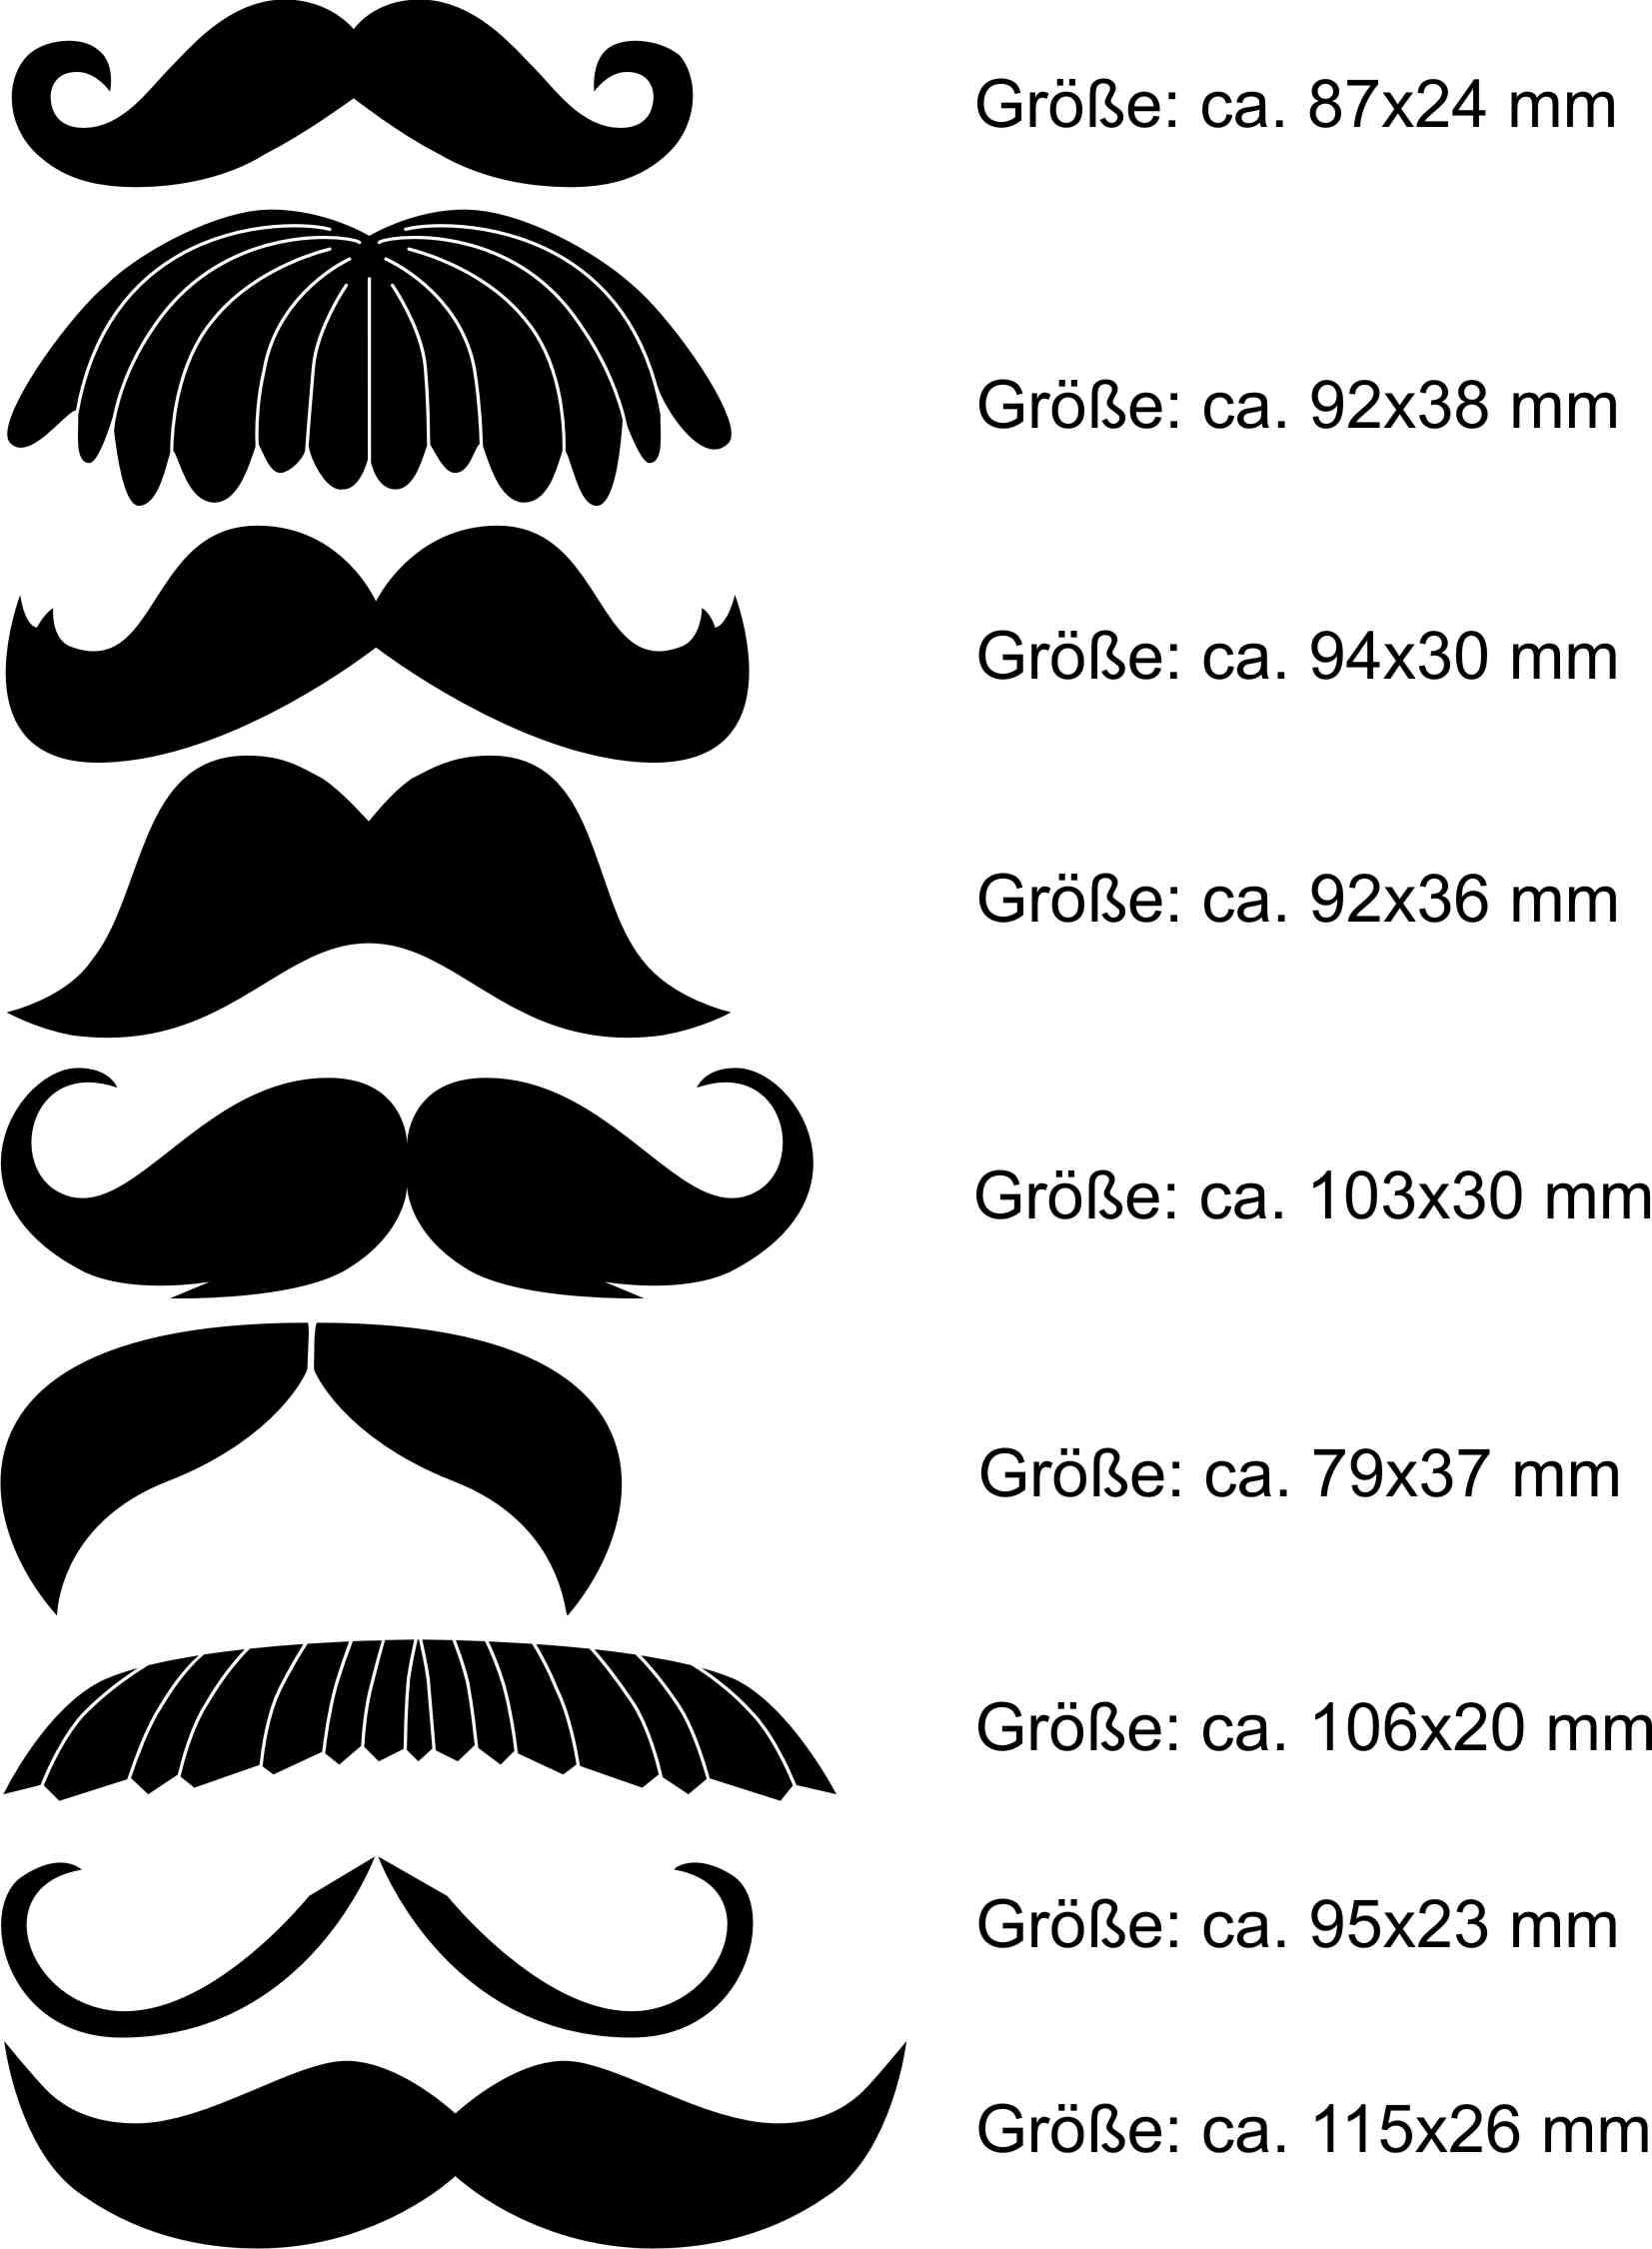 Moustache Pictures